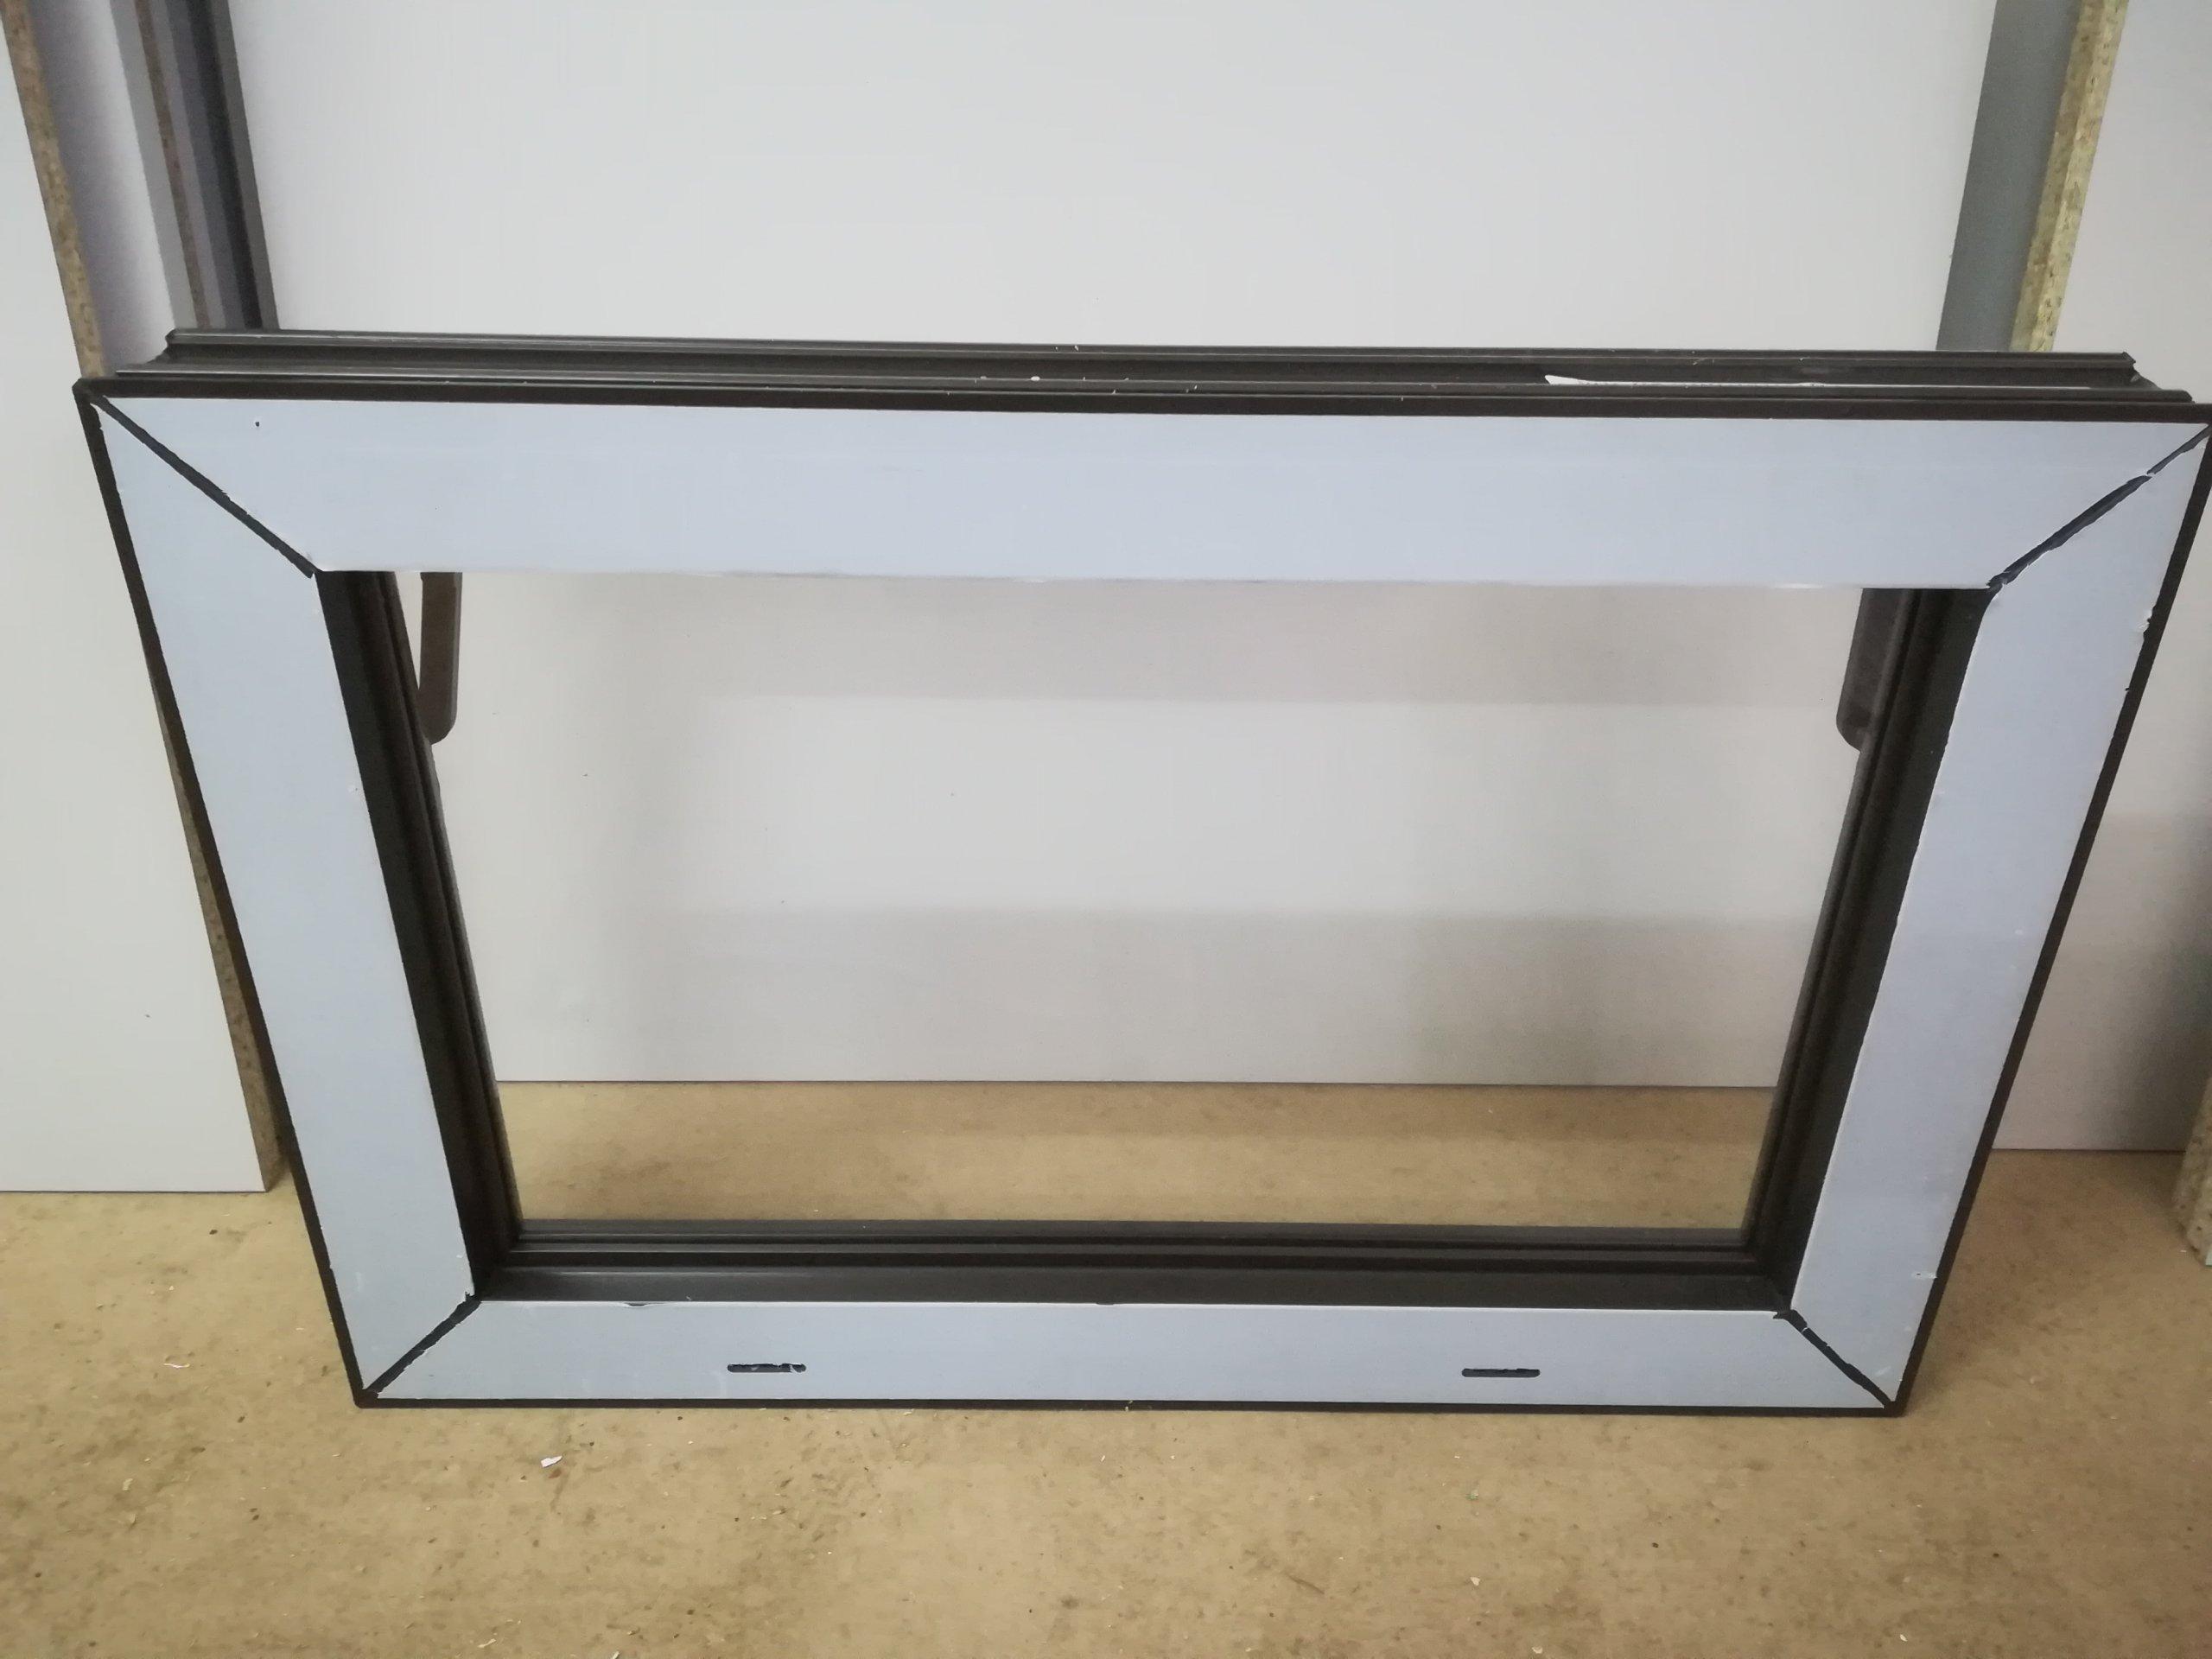 Zupełnie nowe Okno do altanki, piwniczki, garażu, 60 x 40 7265575427 - Allegro.pl OM99